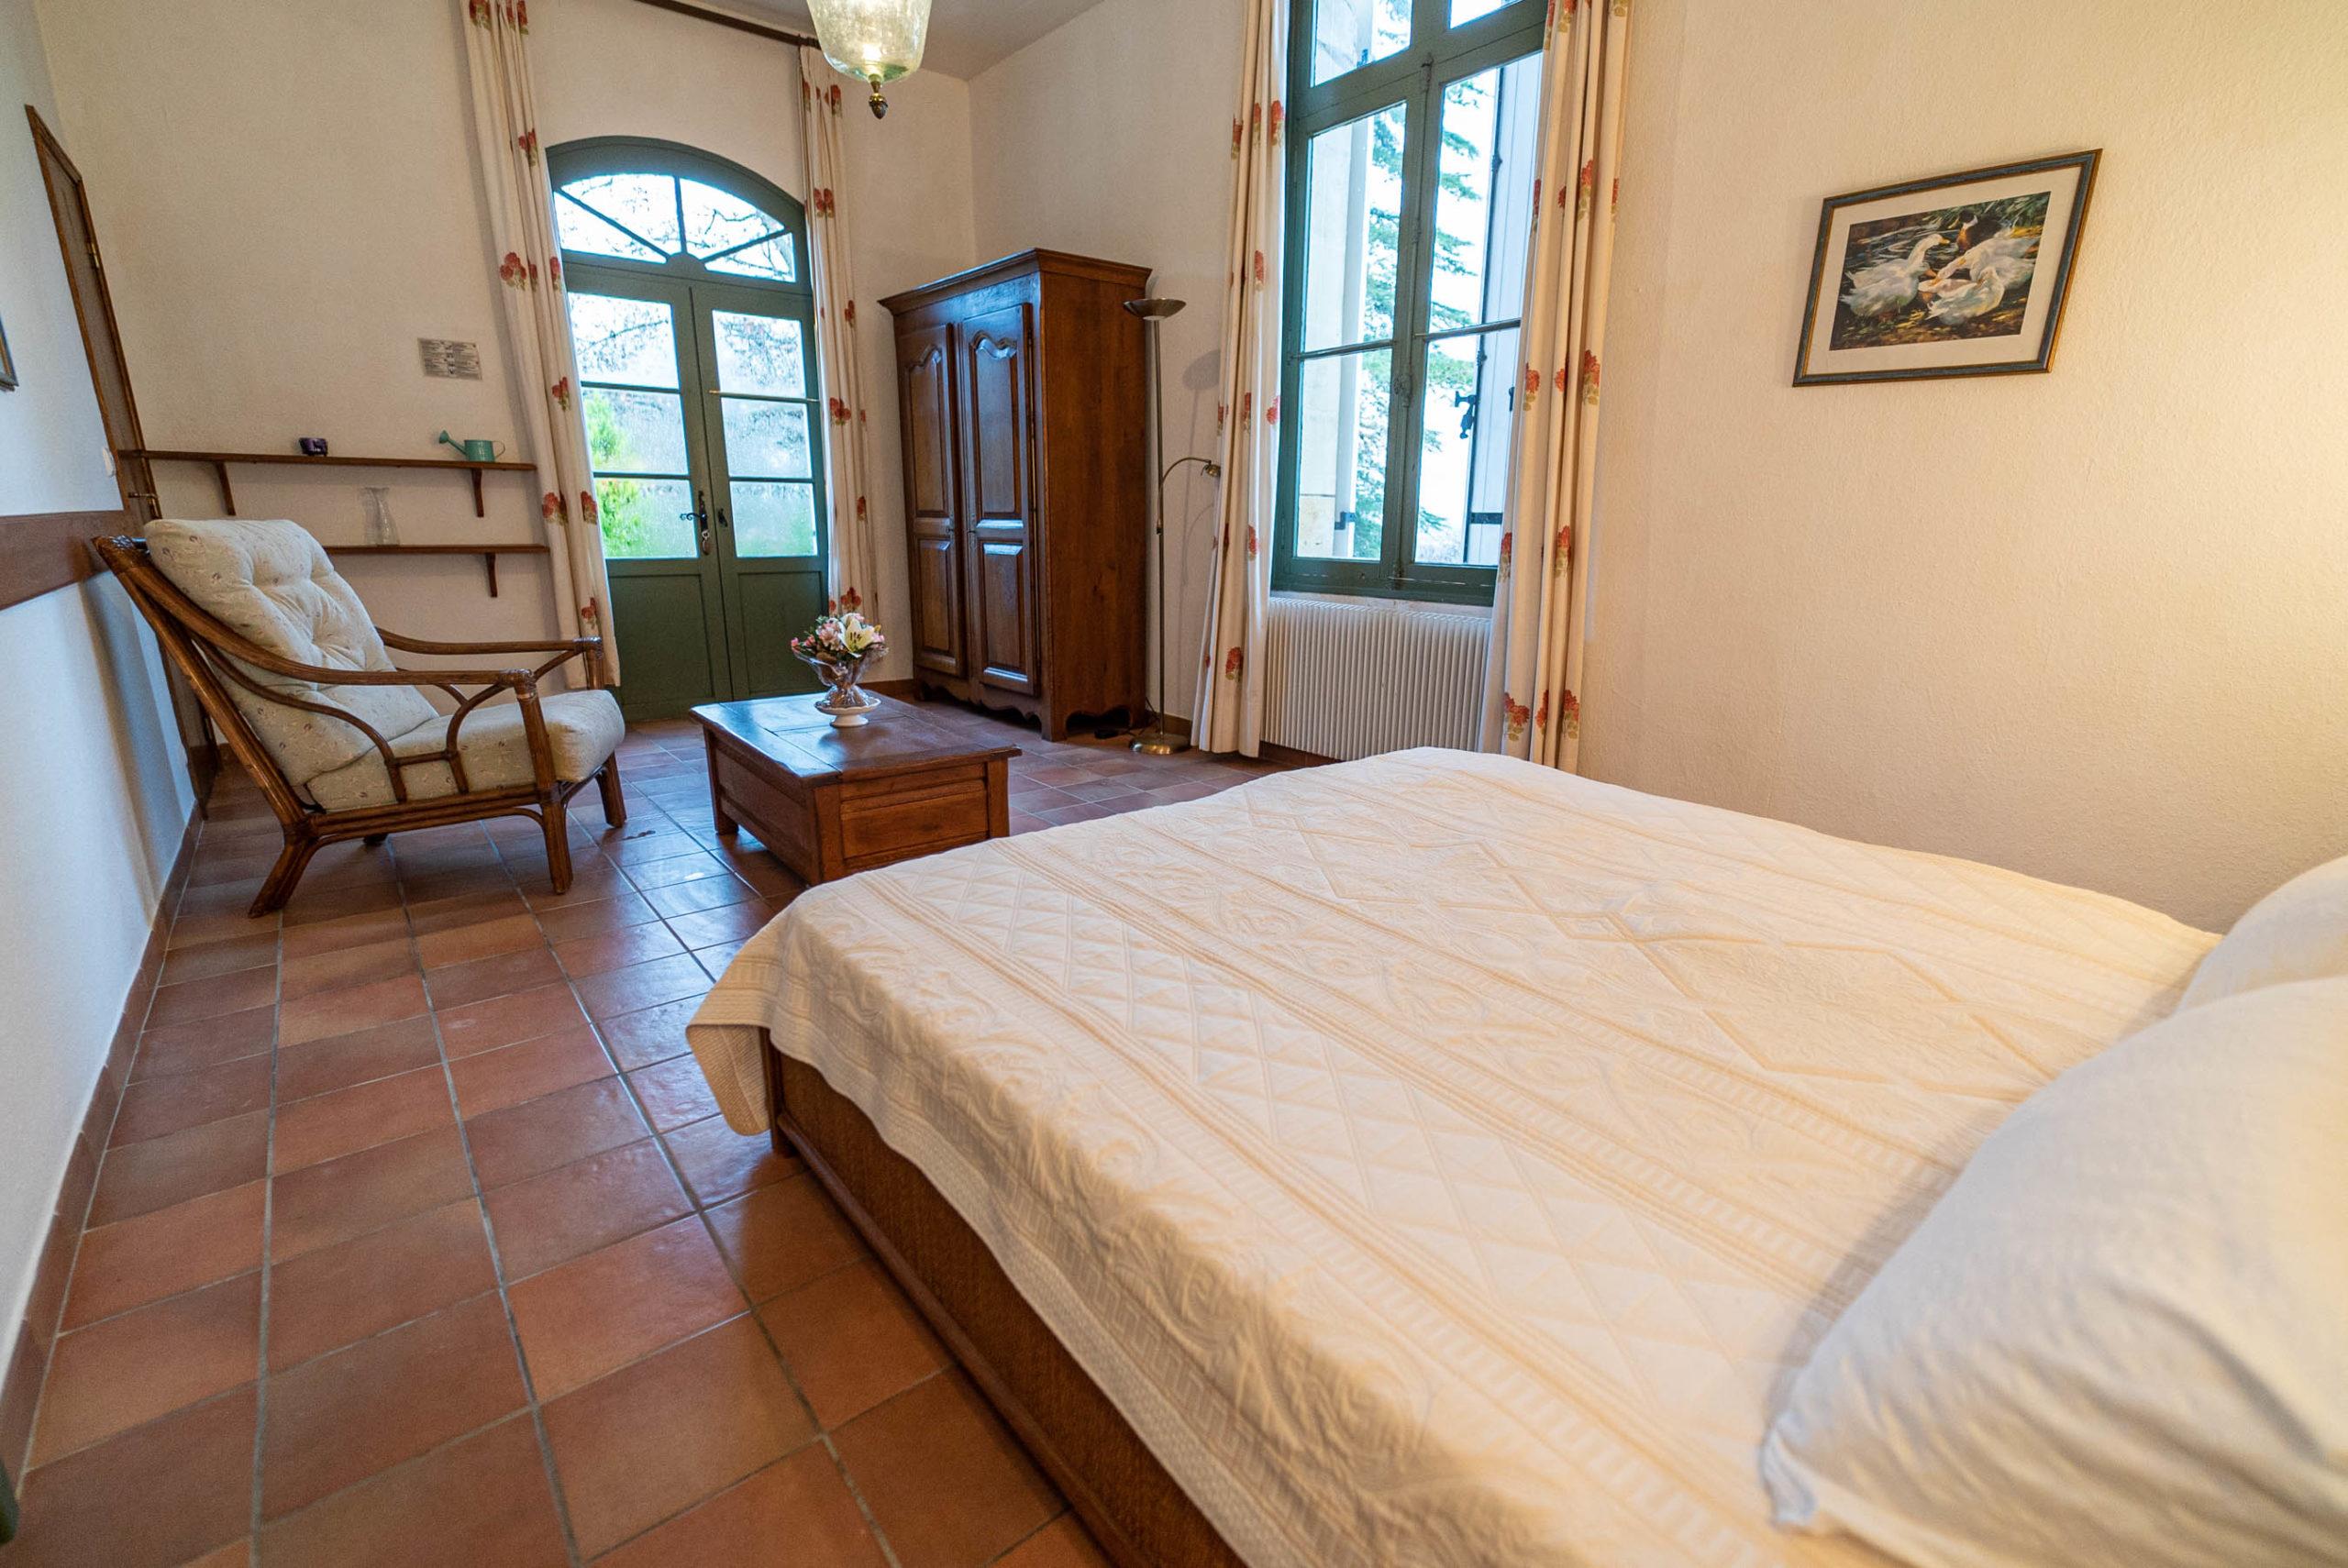 Suite des ecuries chateau Rauly location bergerac Monbazillac